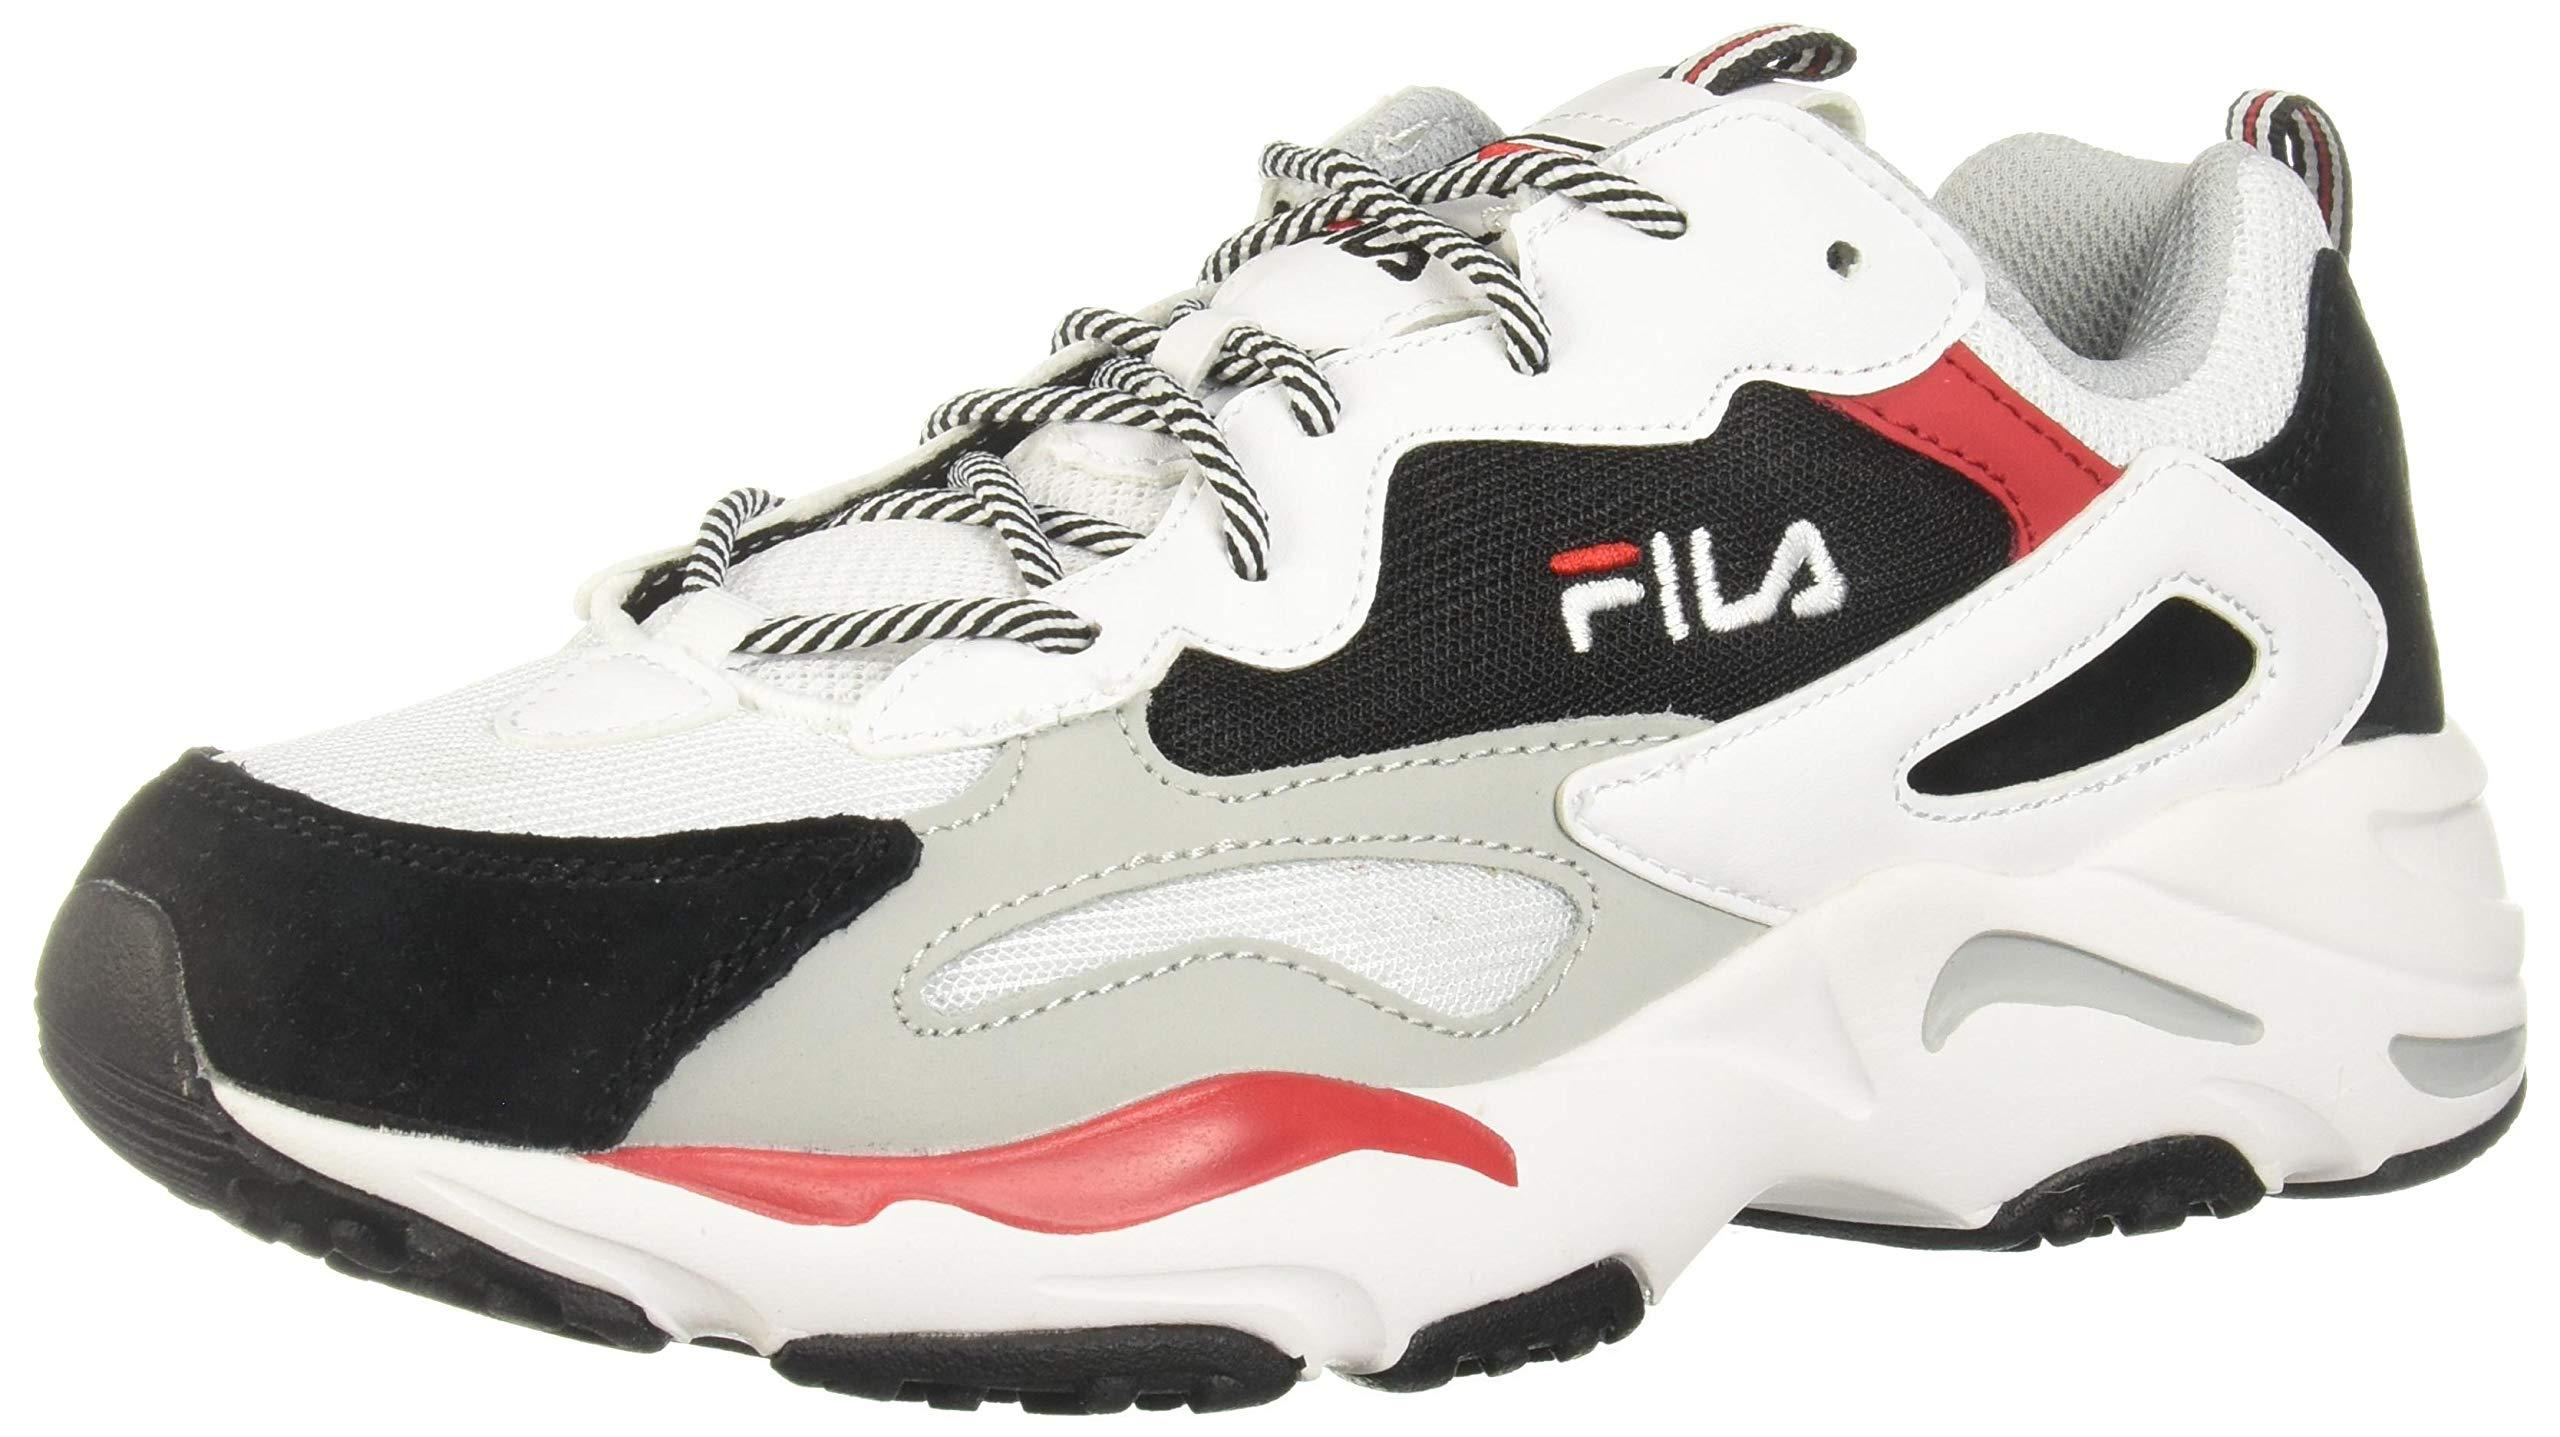 Fila Men's Ray Tracer Sneakers- Buy